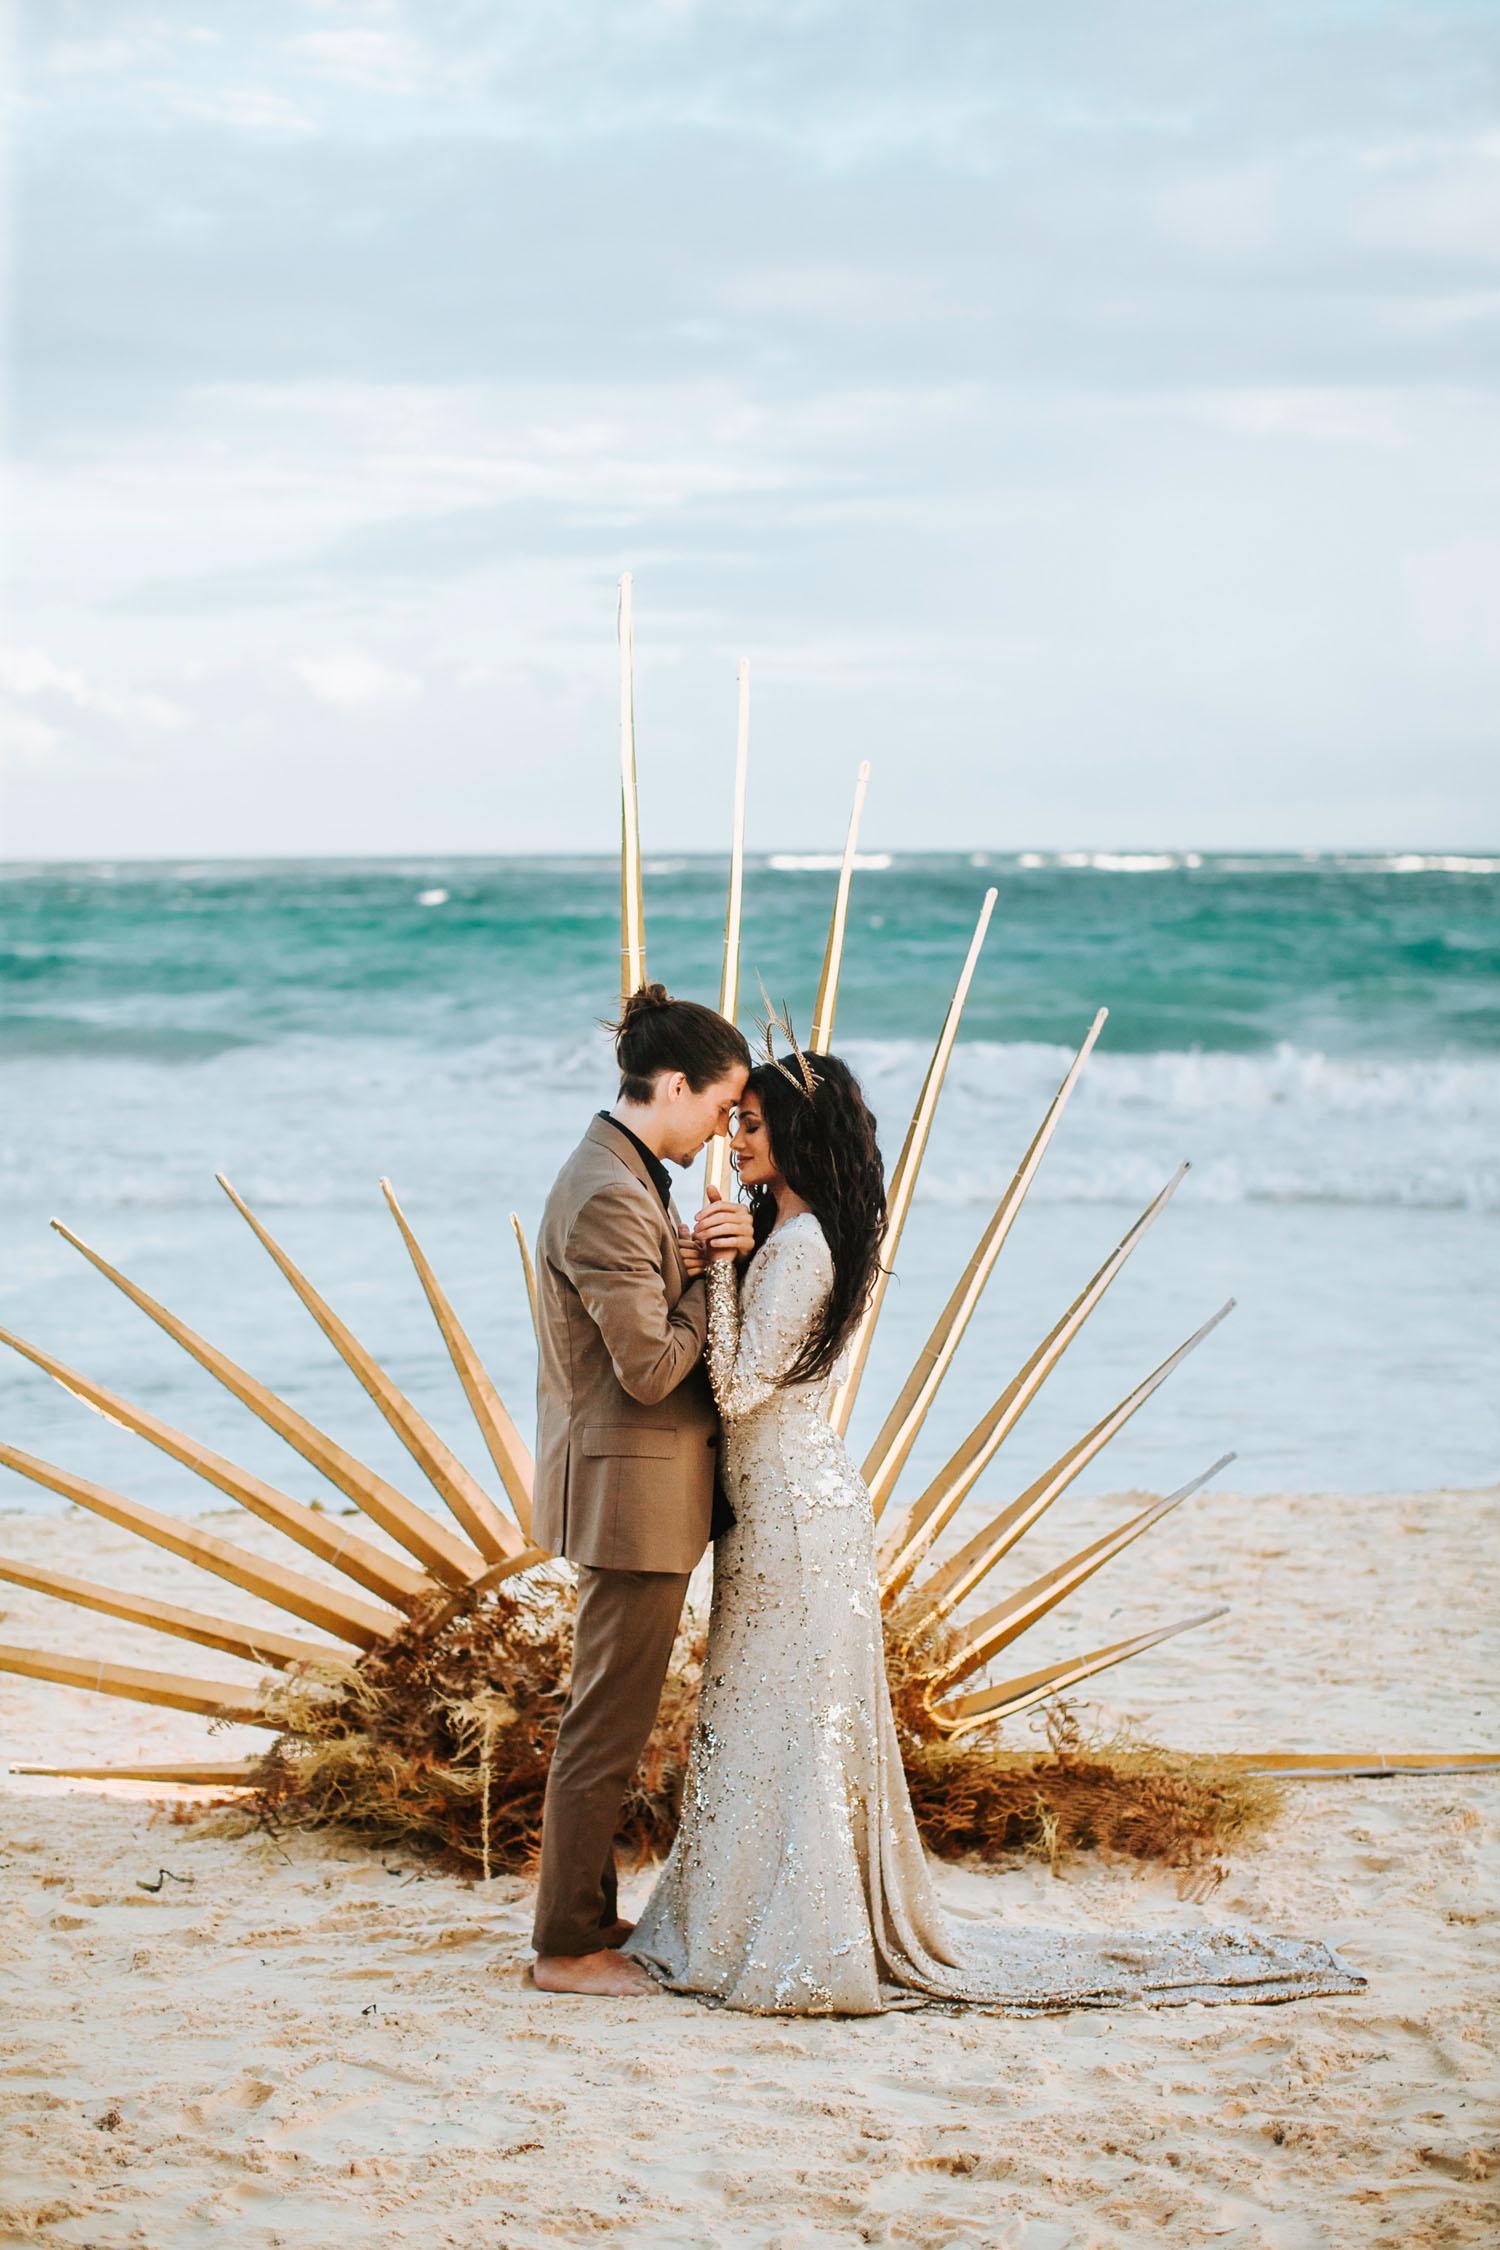 celestial wedding on the beach